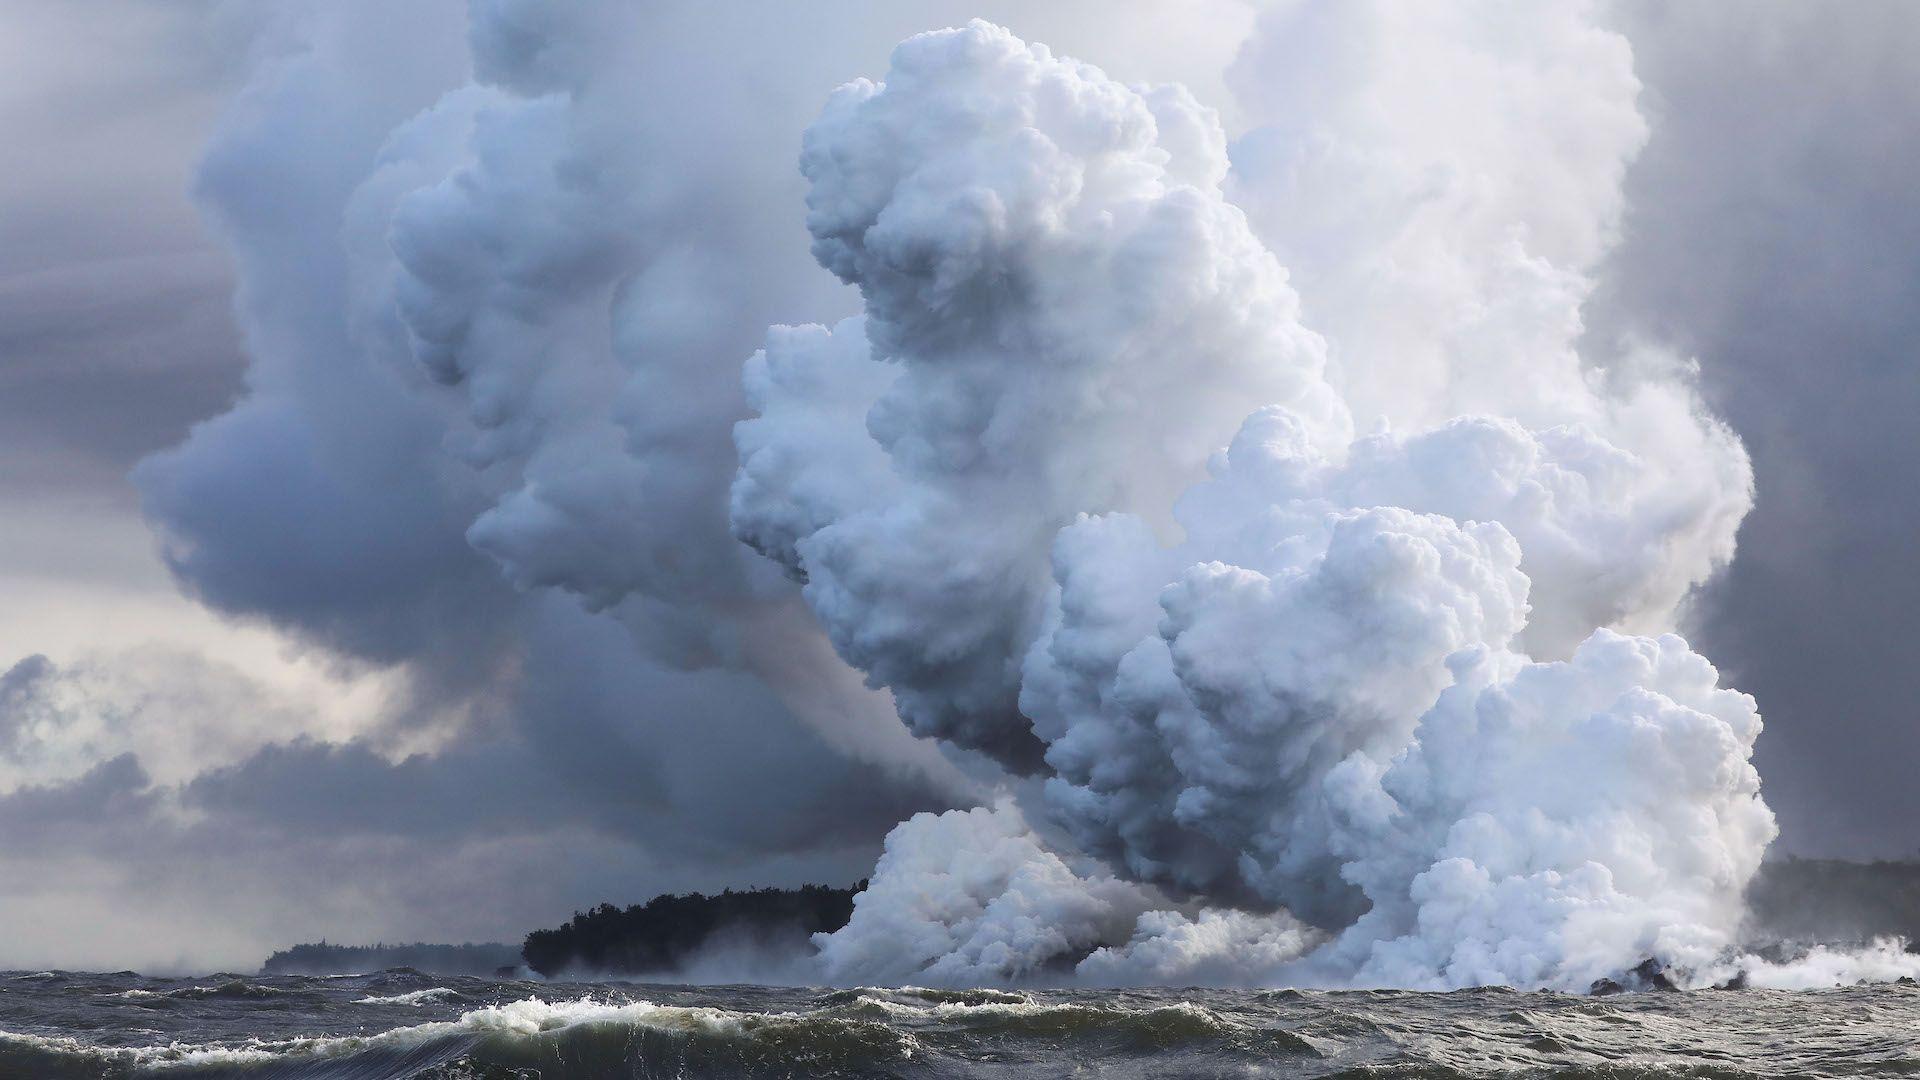 Thanks to Kilauea, Hawaii just got bigger - Axios